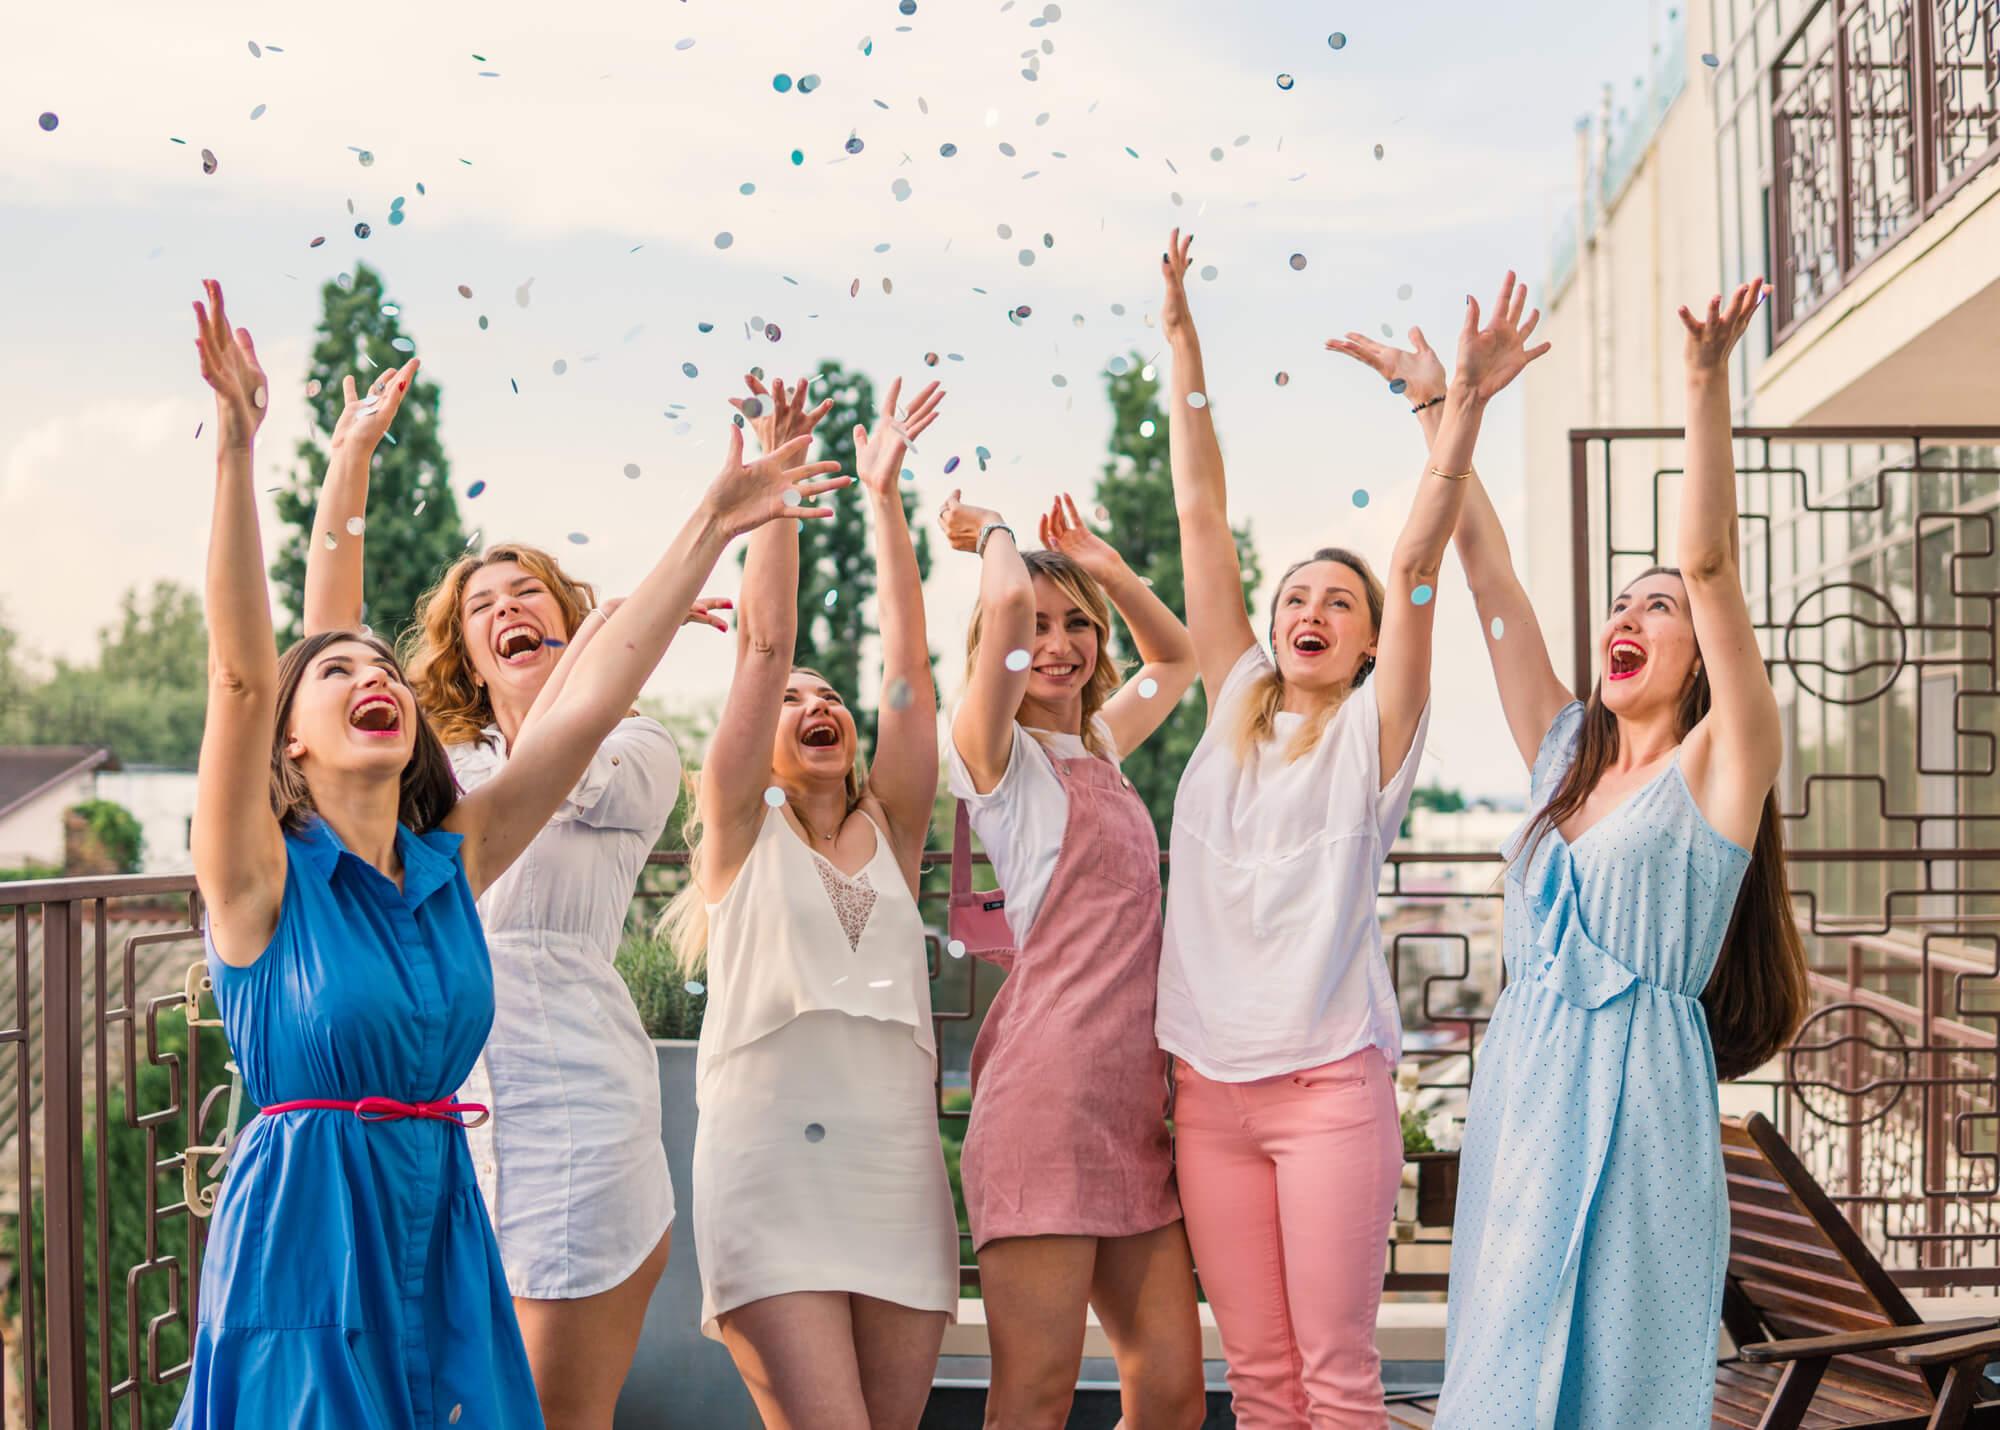 レンタルドレスでおしゃれして結婚式を楽しもう